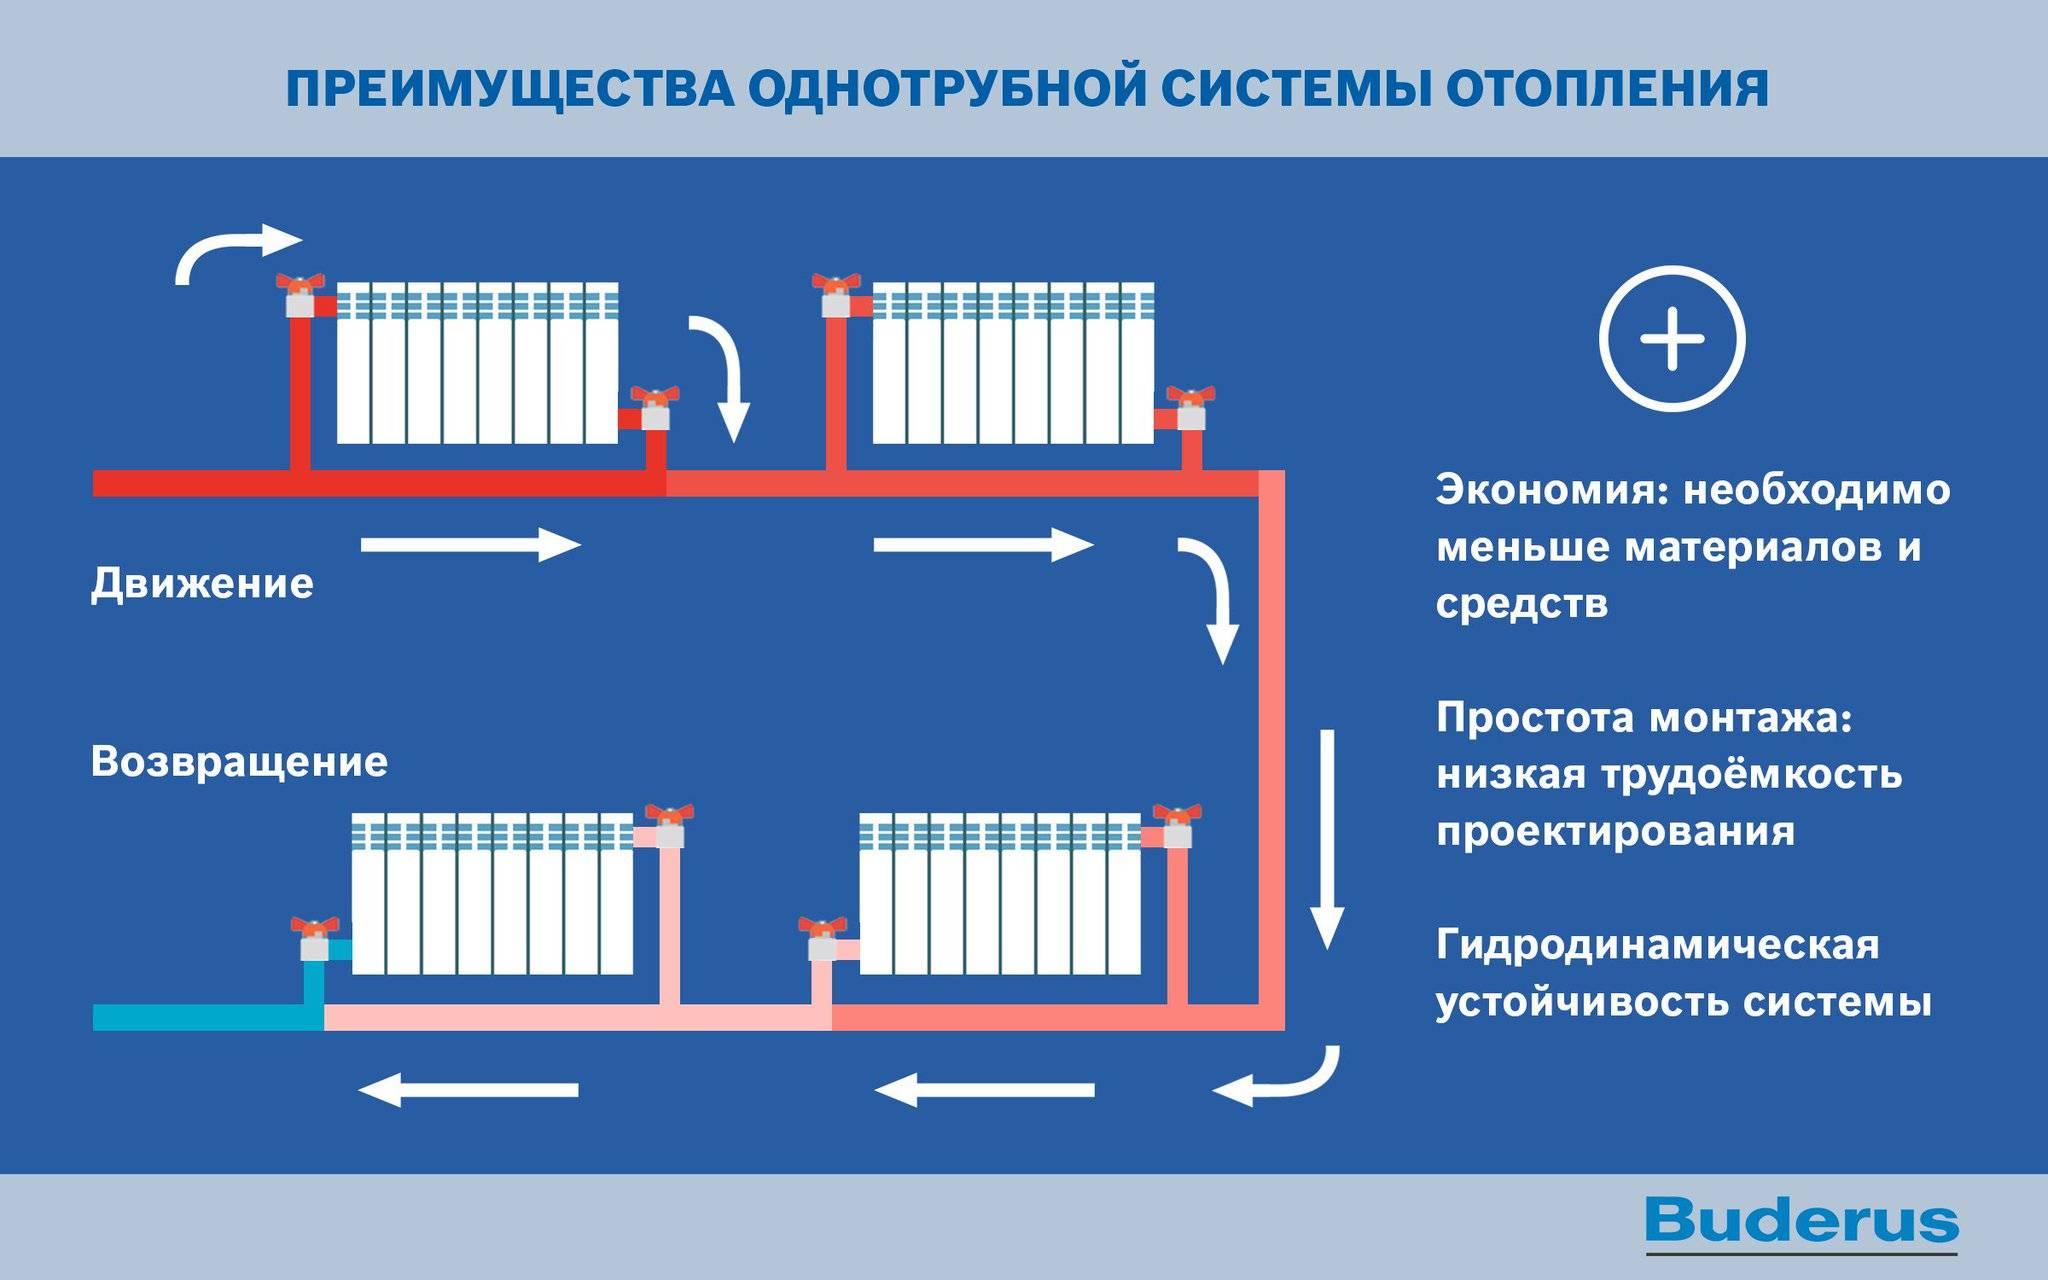 Какая система отопления эффективнее: однотрубная или двухтрубная?